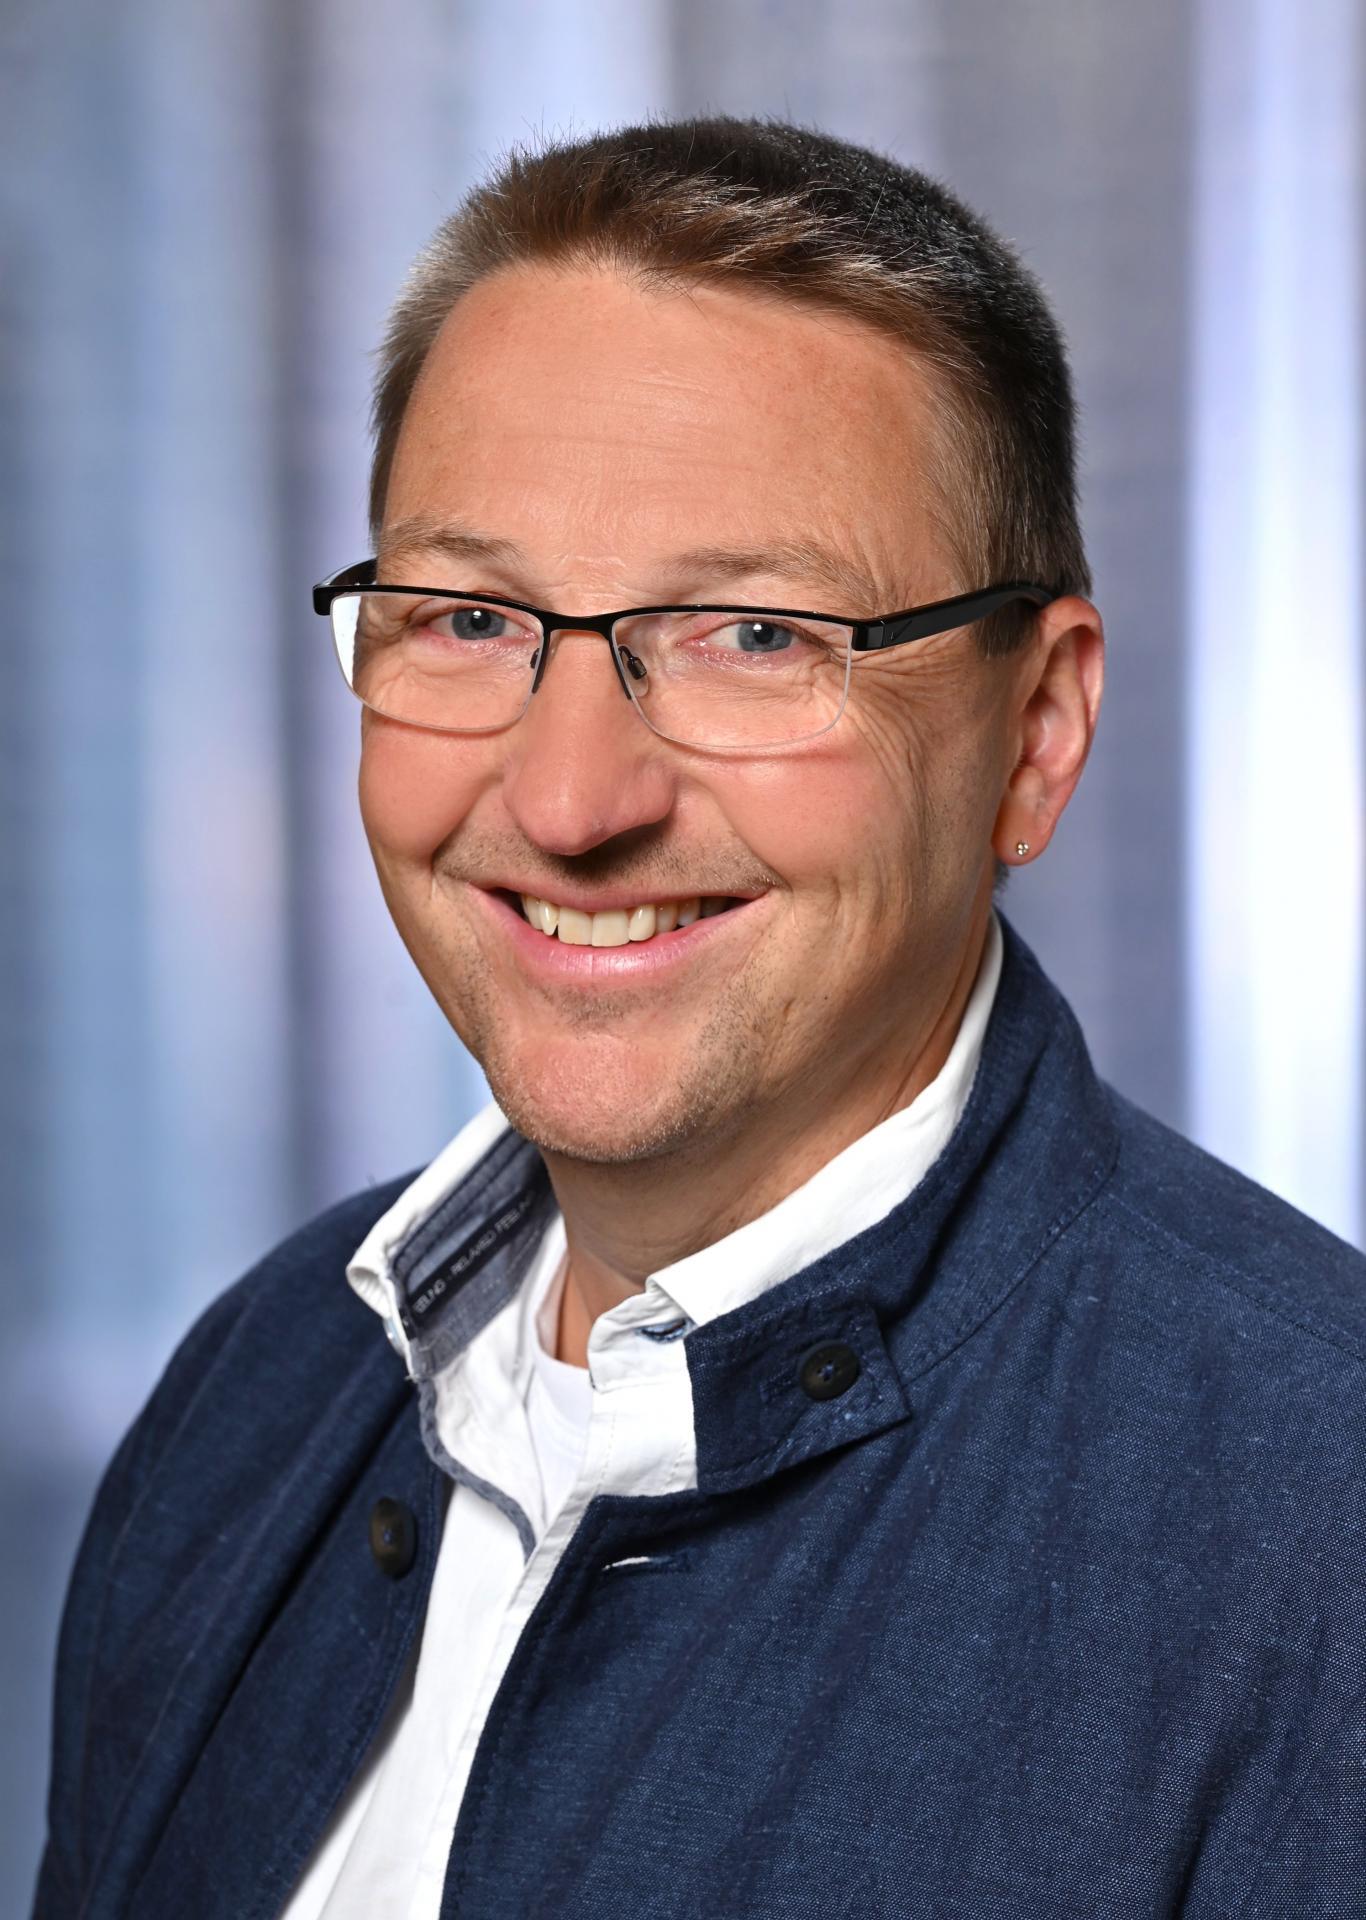 Axel Krämer